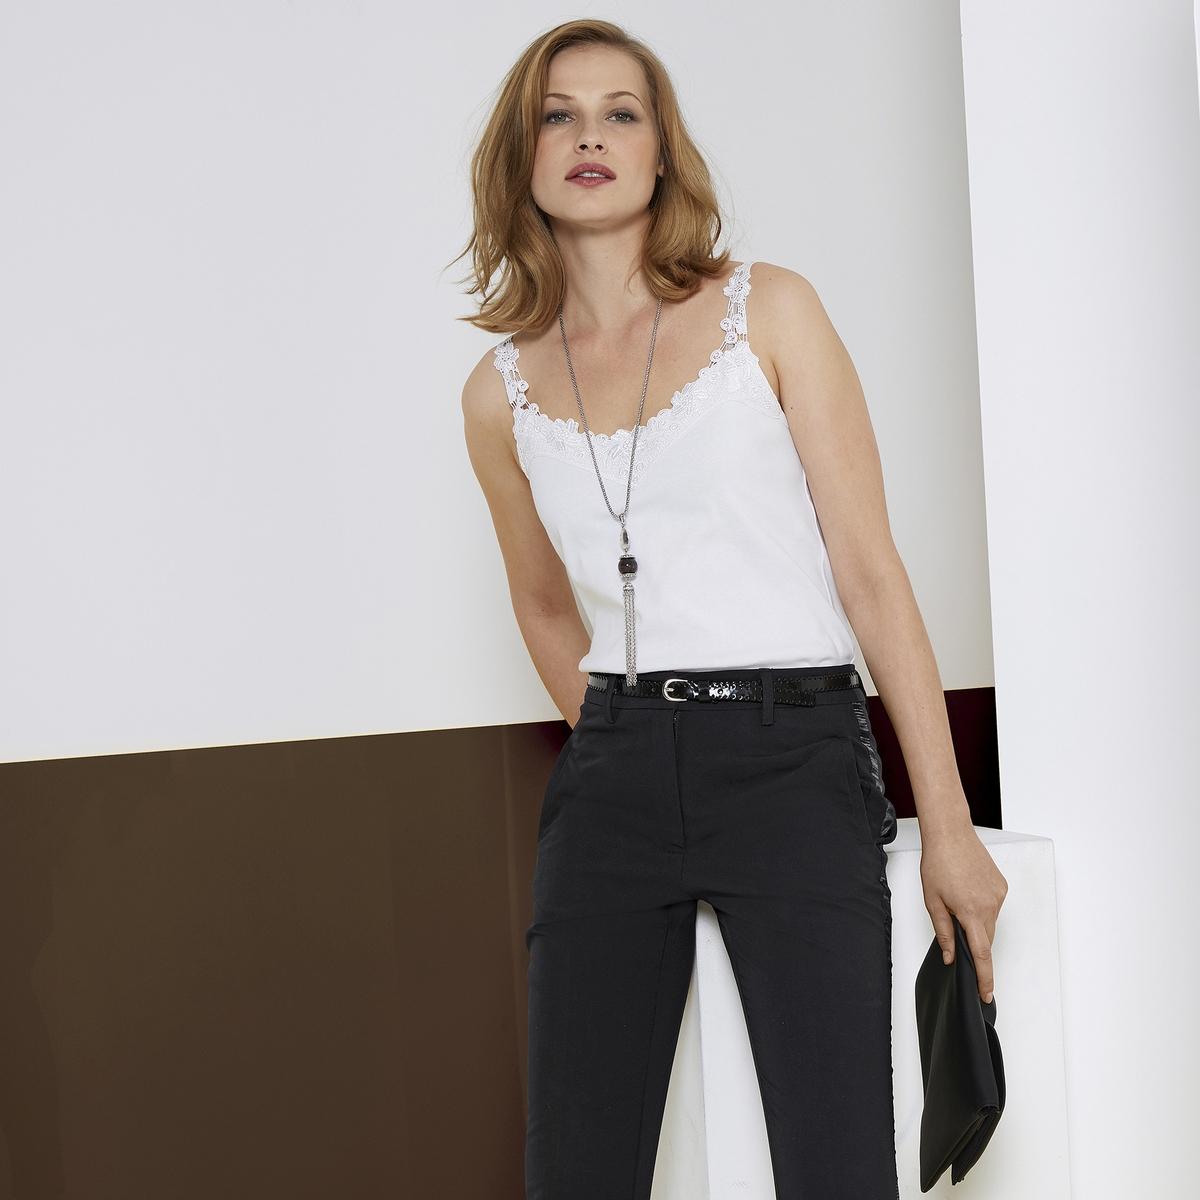 Imagen adicional de producto de Pantalón recto tobillero, estilo esmoquin - Anne weyburn